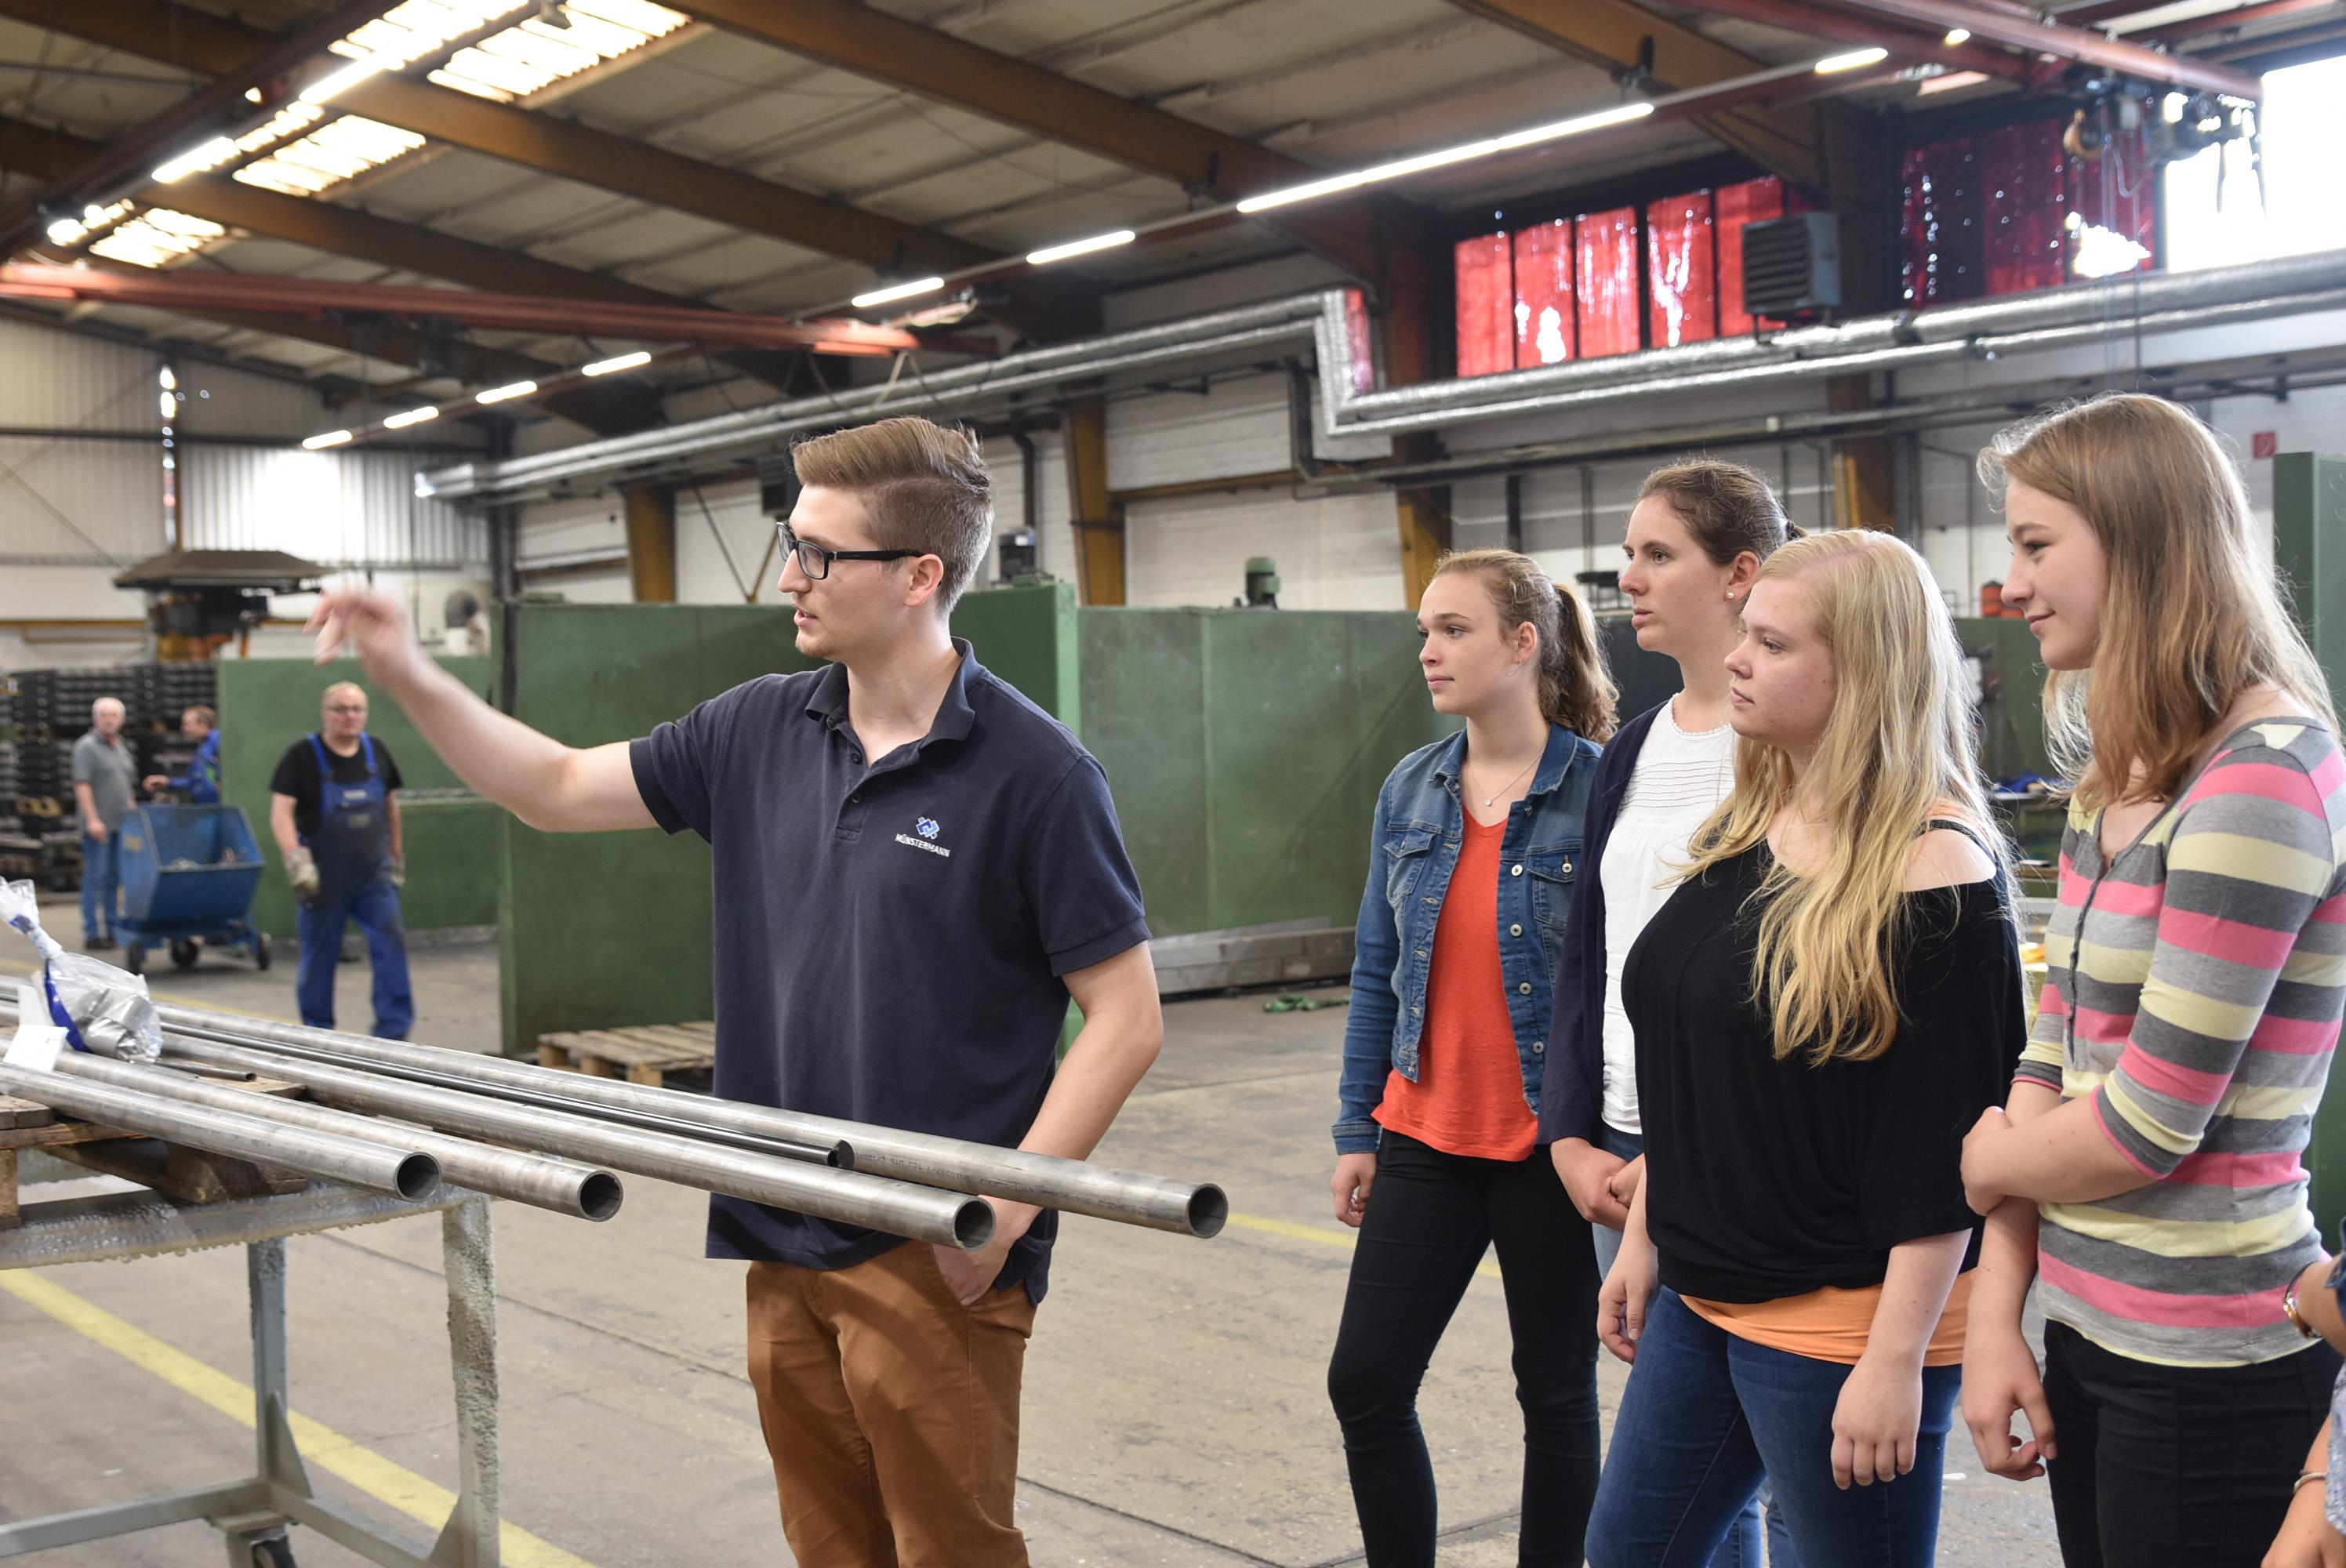 Münstermann-Mitarbeiter Dennis Lohoff, der selbst ein duales Studium absolviert, führte die Schüler durch seinen Ausbildungsbetrieb. (Foto: FH Münster/Pressestelle)